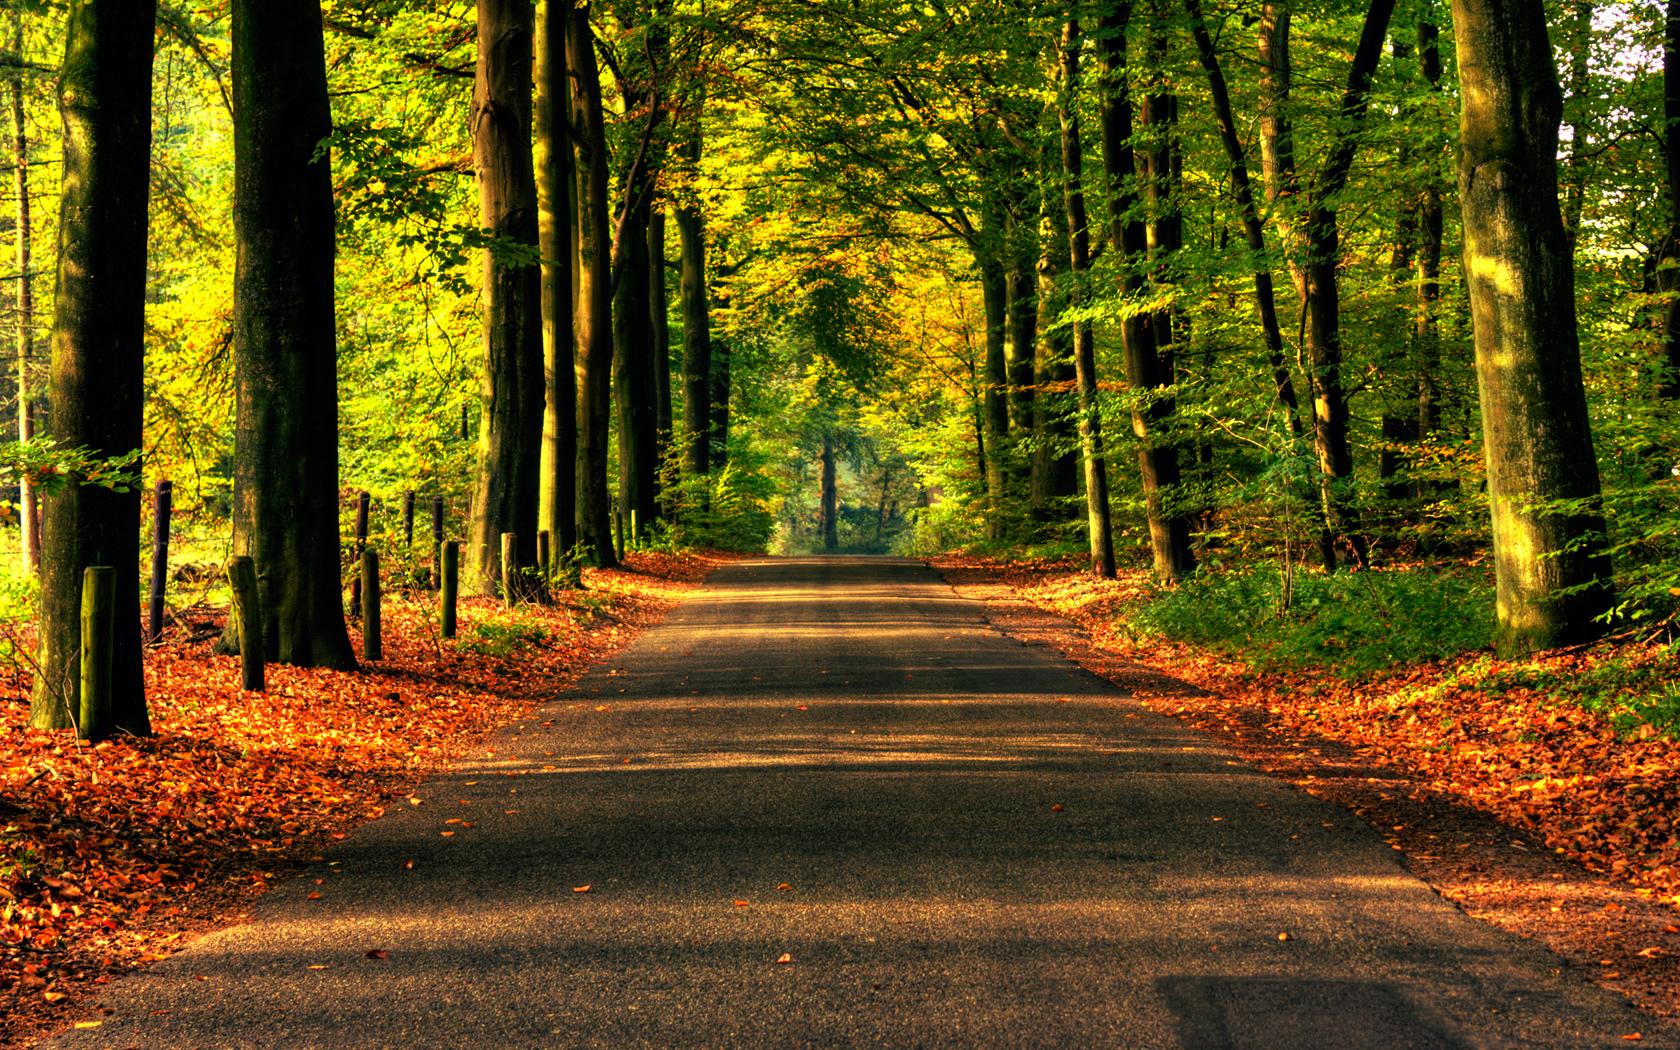 осень дорога, опавшие листья, лес, скачать фото, обои на рабочий стол